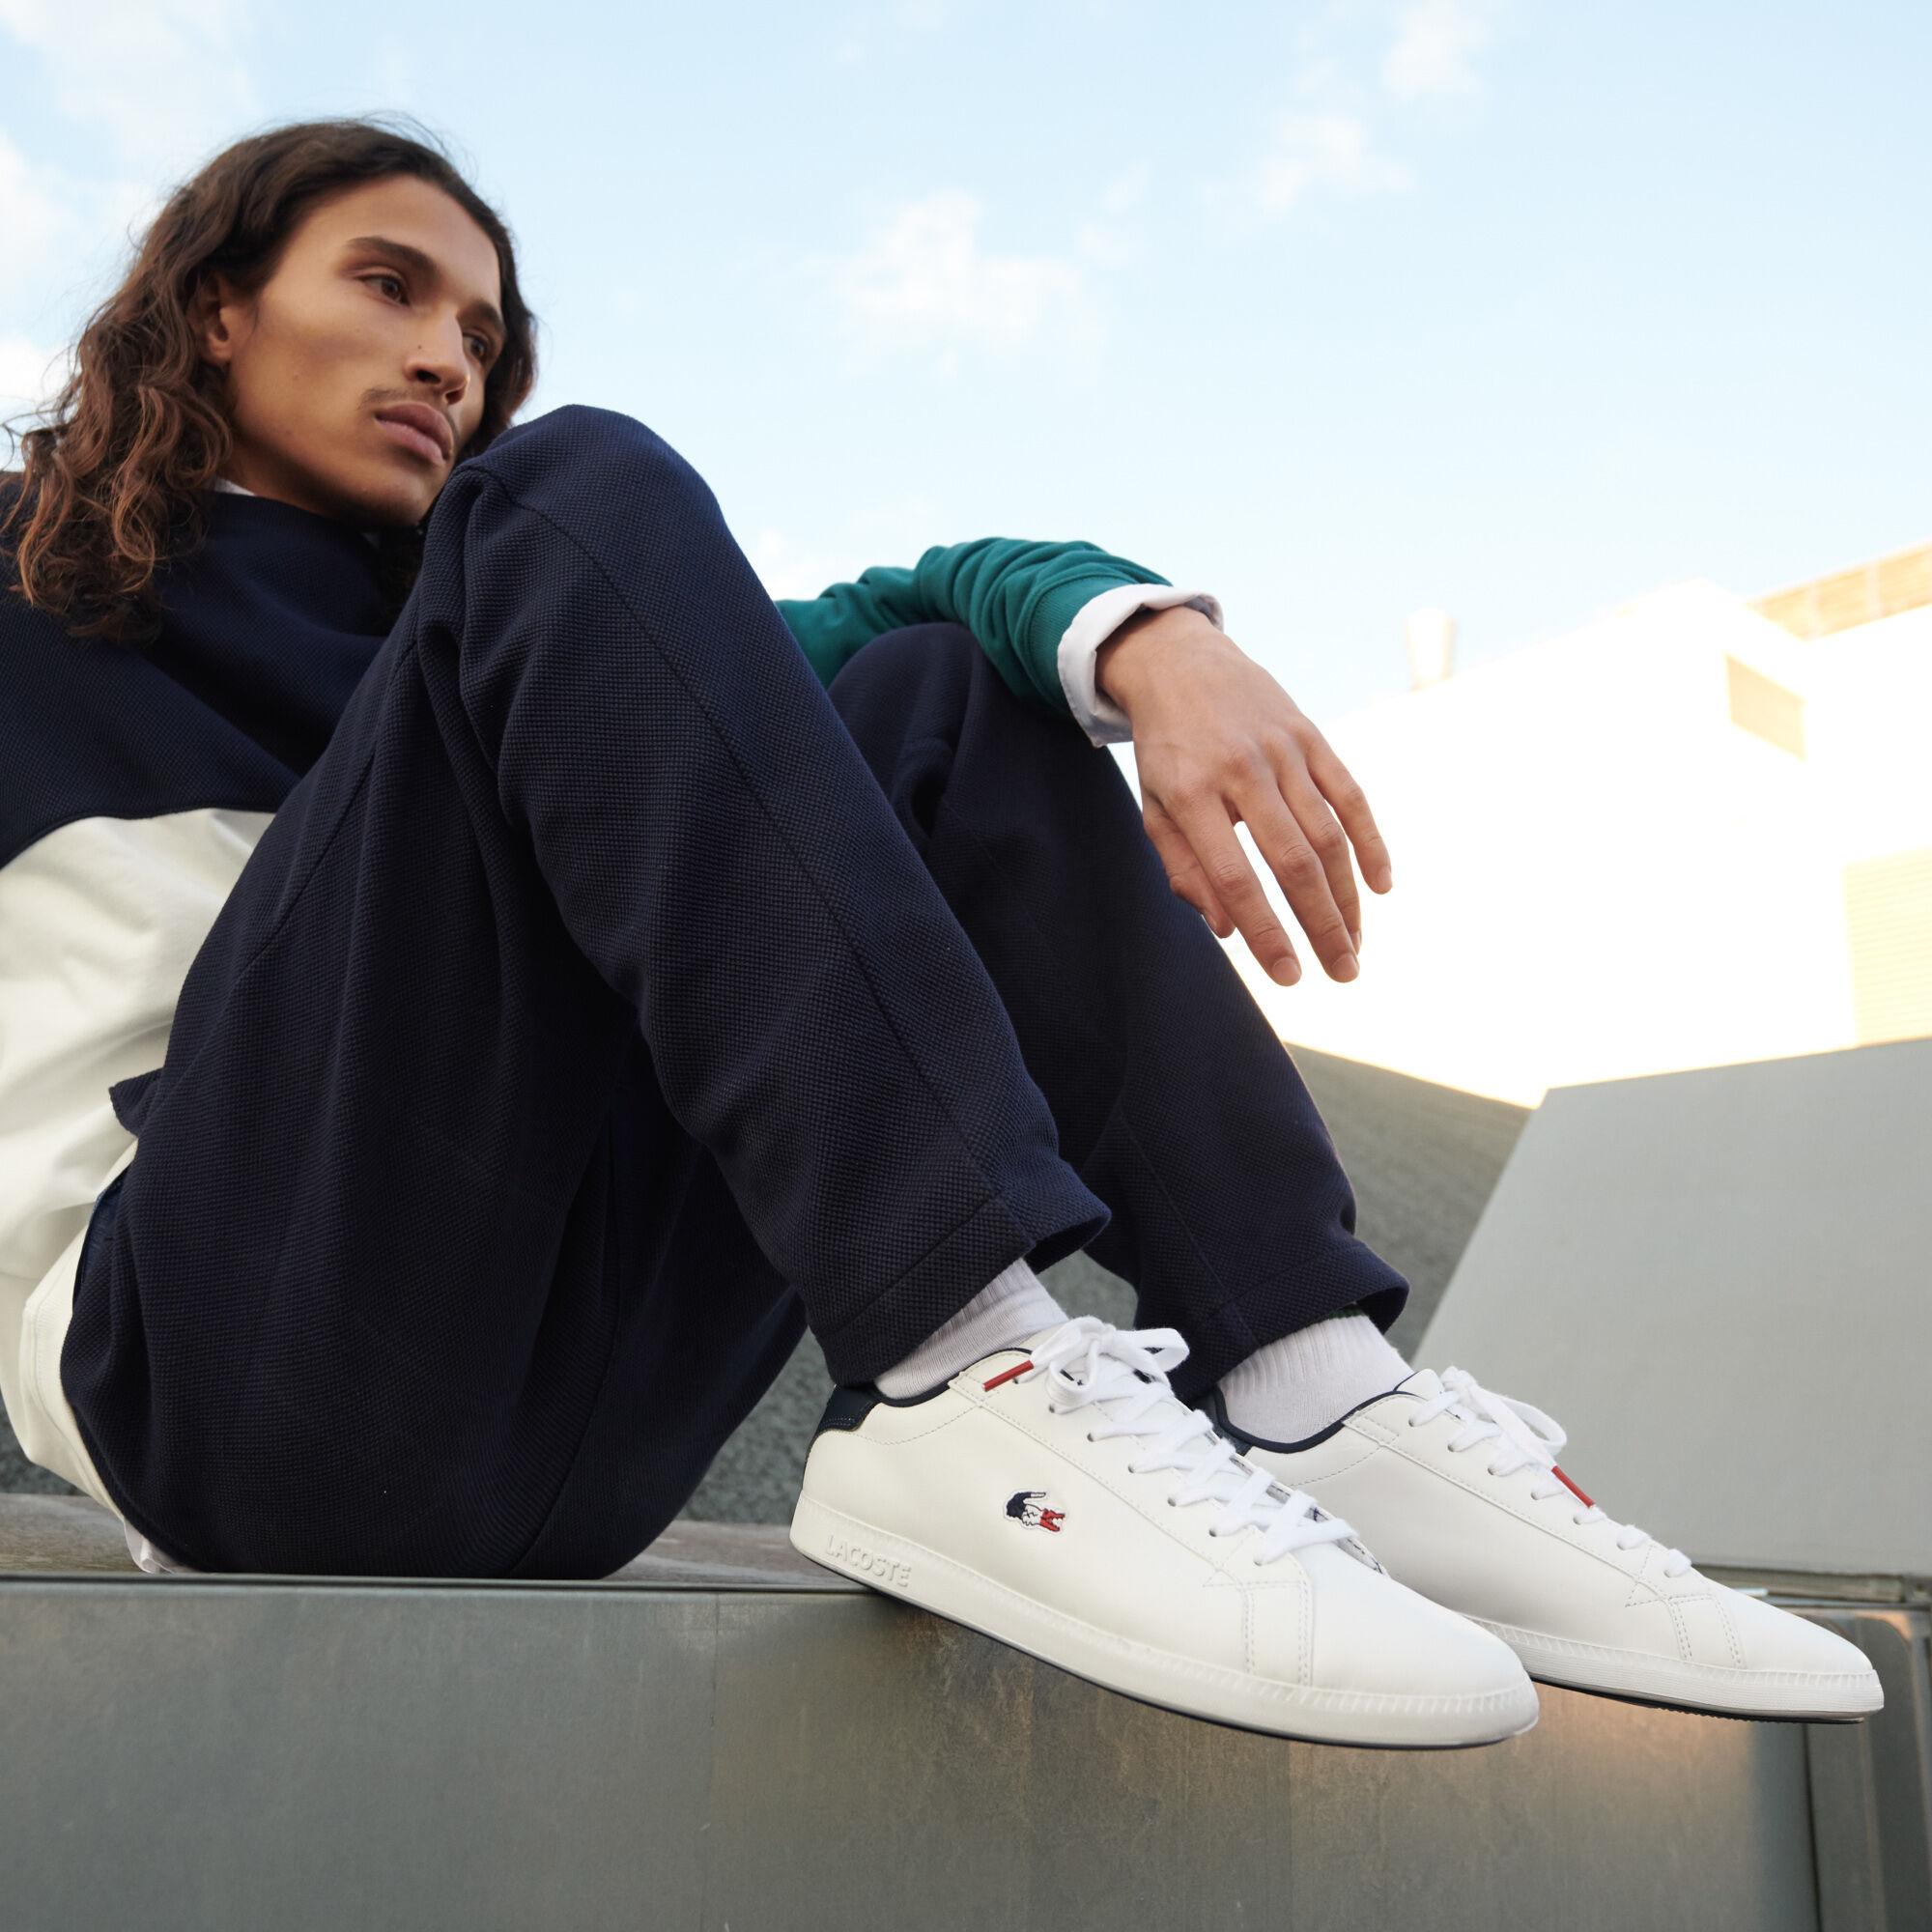 حذاء رياضي من الجلد ومواد صناعية مجموعة Carnaby Evo للرجال